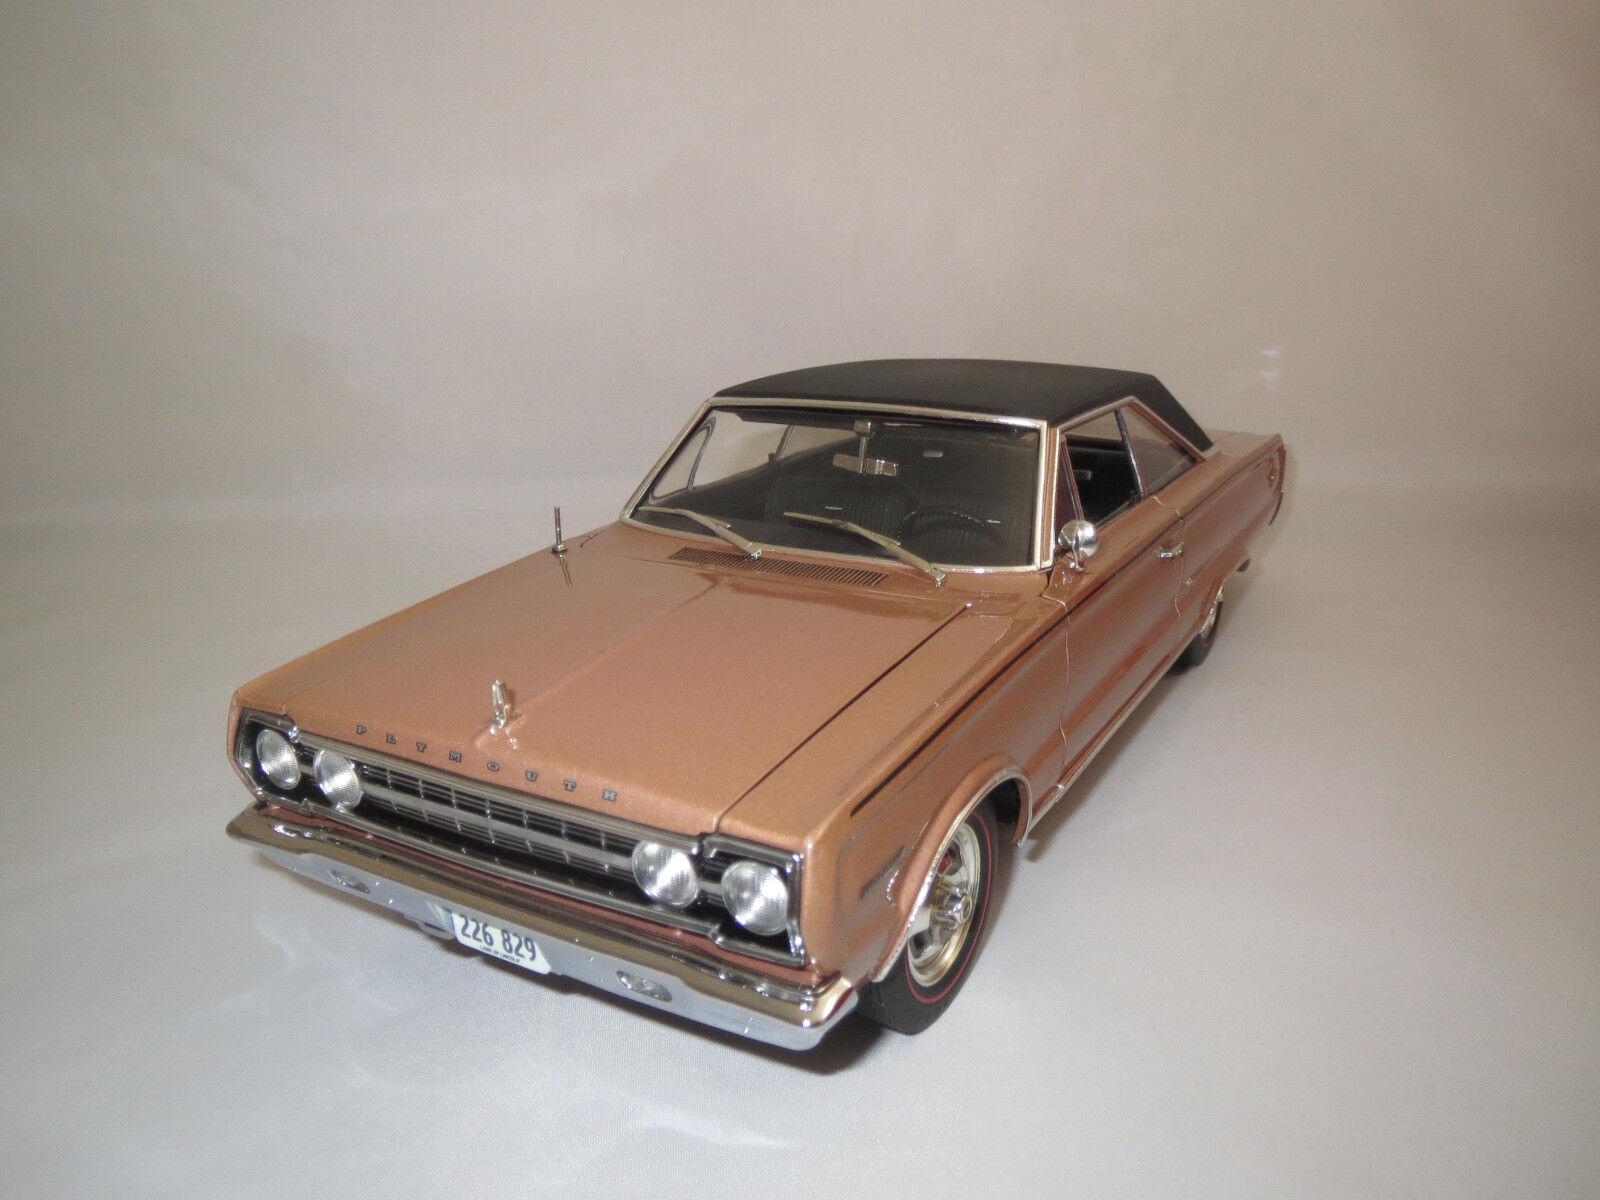 calidad fantástica Highway 61 Plymouth Belvedere  1967    (marrón claro-met.) 1 18 sin embalaje   perfecto